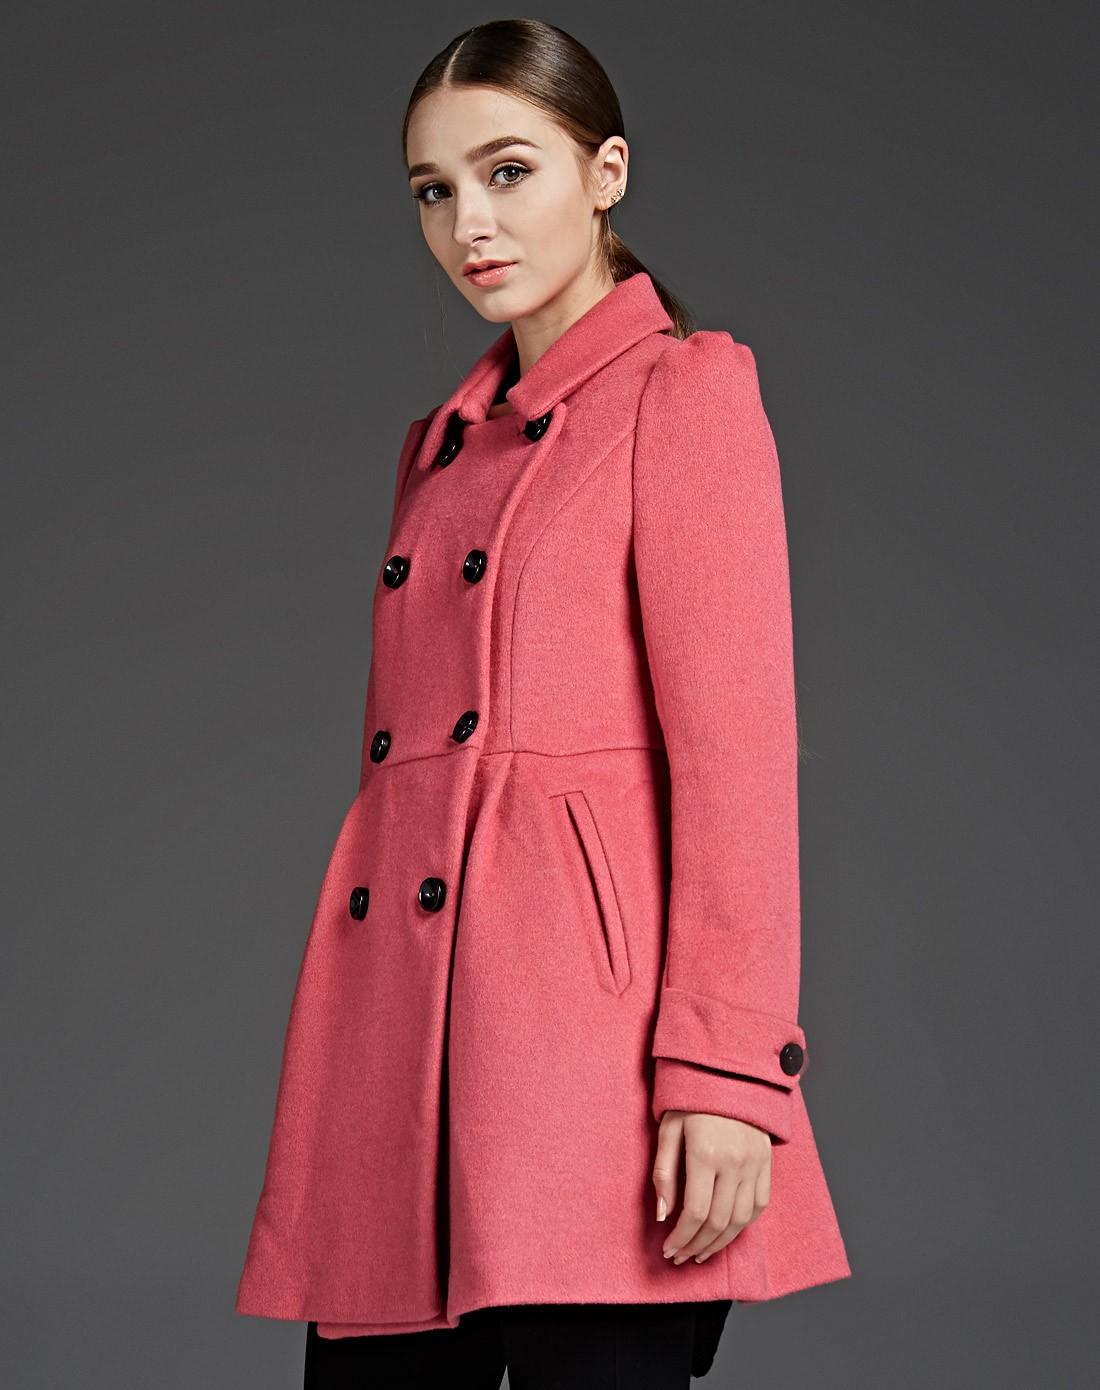 羊绒呢大衣外套女_韩版修身羊绒毛呢大衣女外套